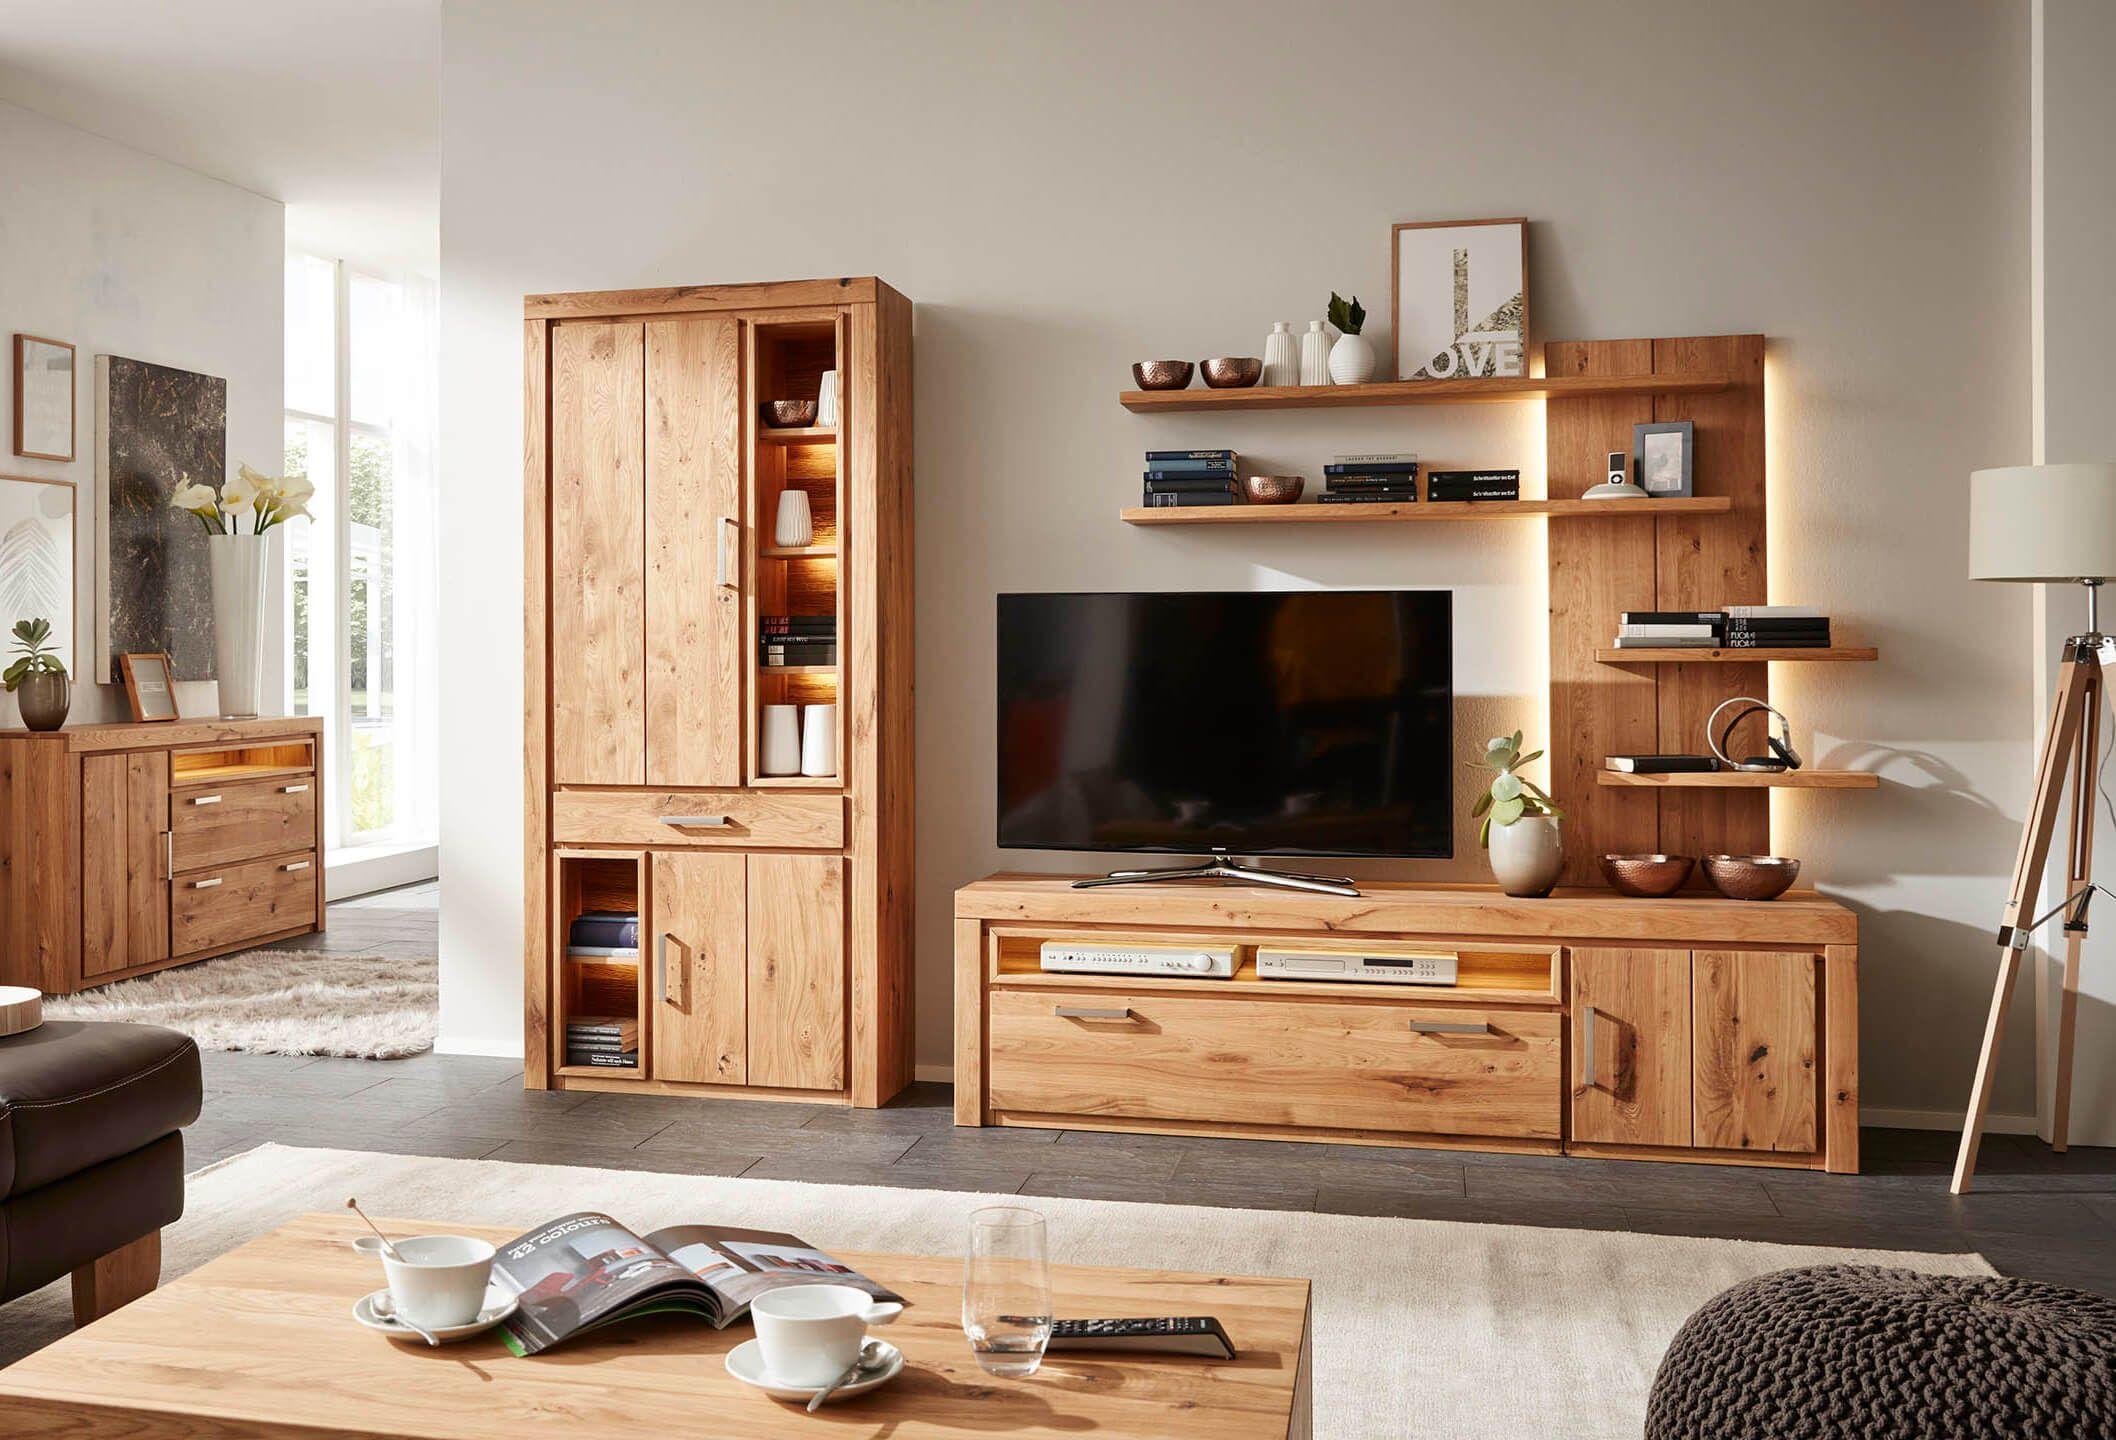 Wohnzimmer komplett im Holz-Look | Wohnzimmer, Möbel ...